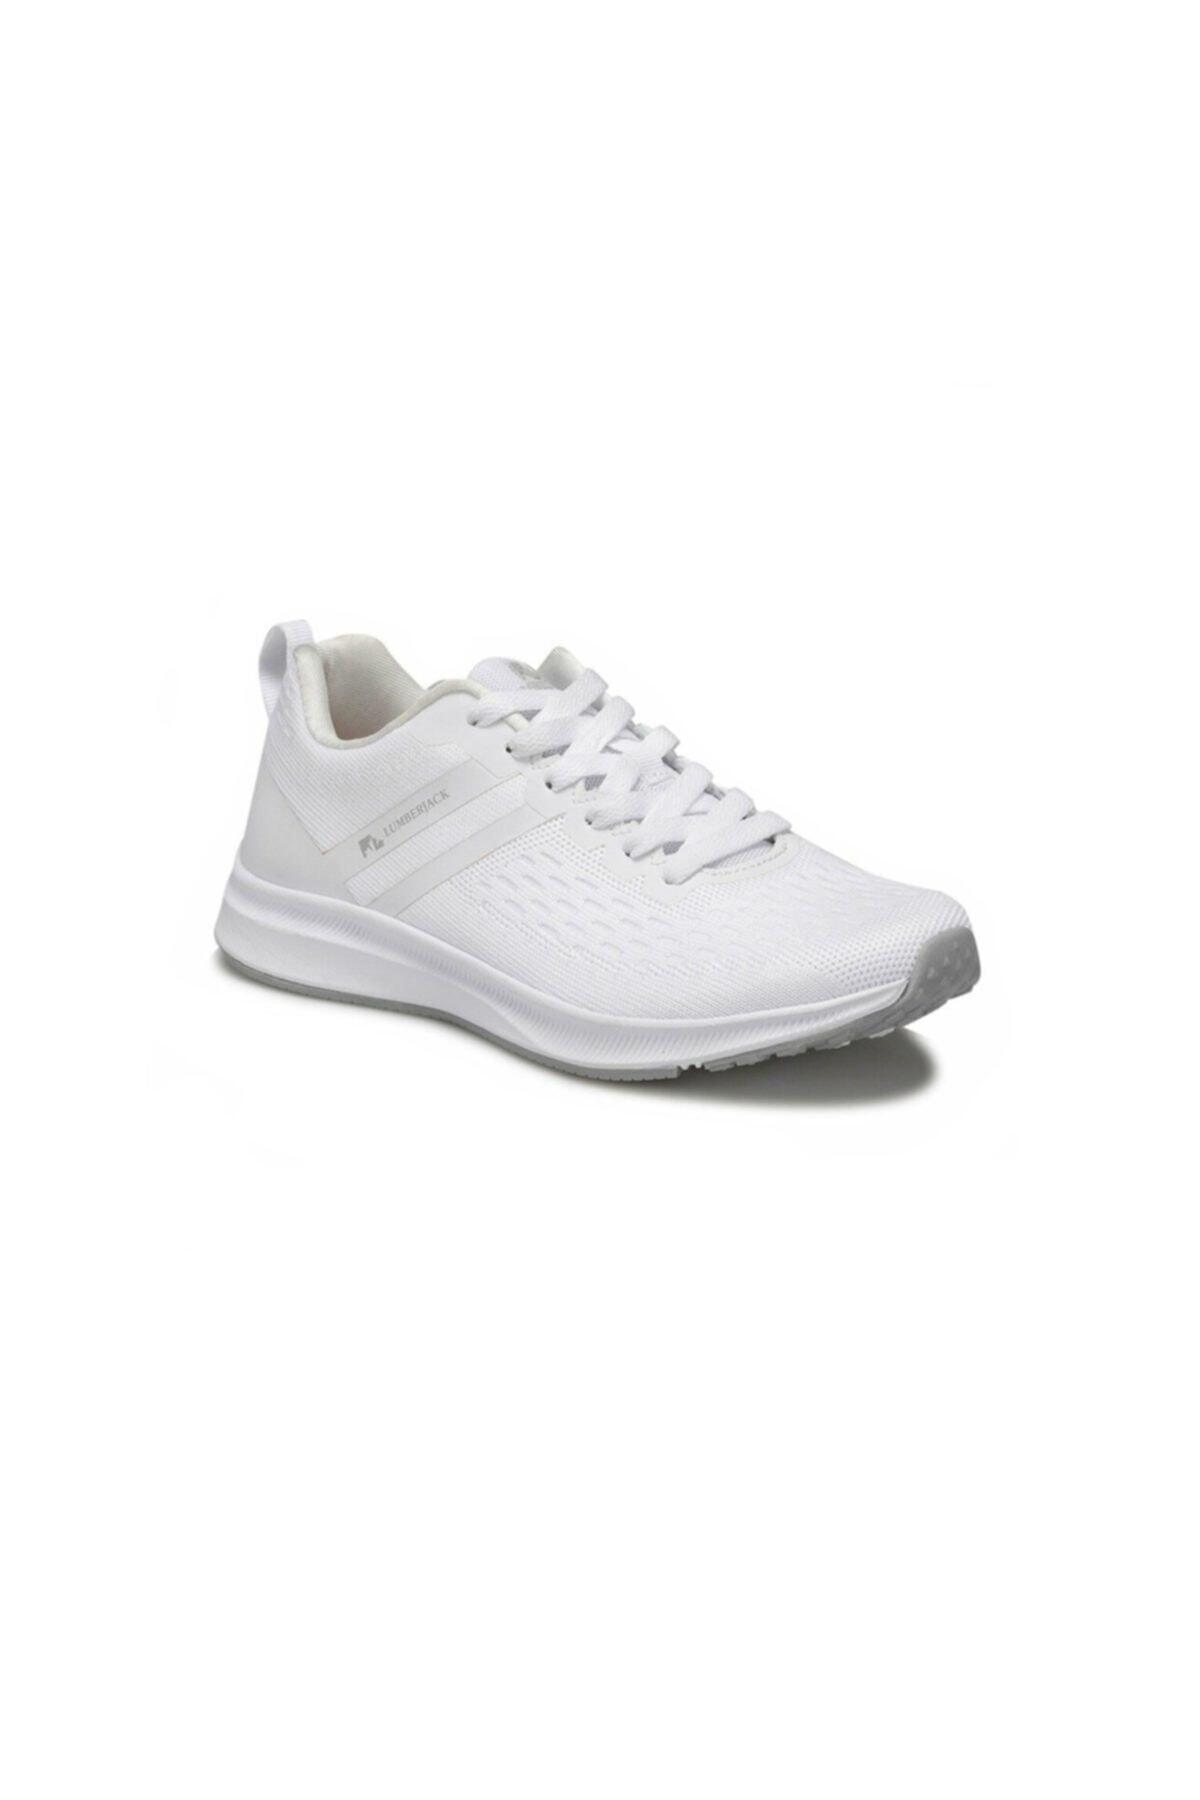 lumberjack STRONG WMN Beyaz Kadın Koşu Ayakkabısı 100510767 1